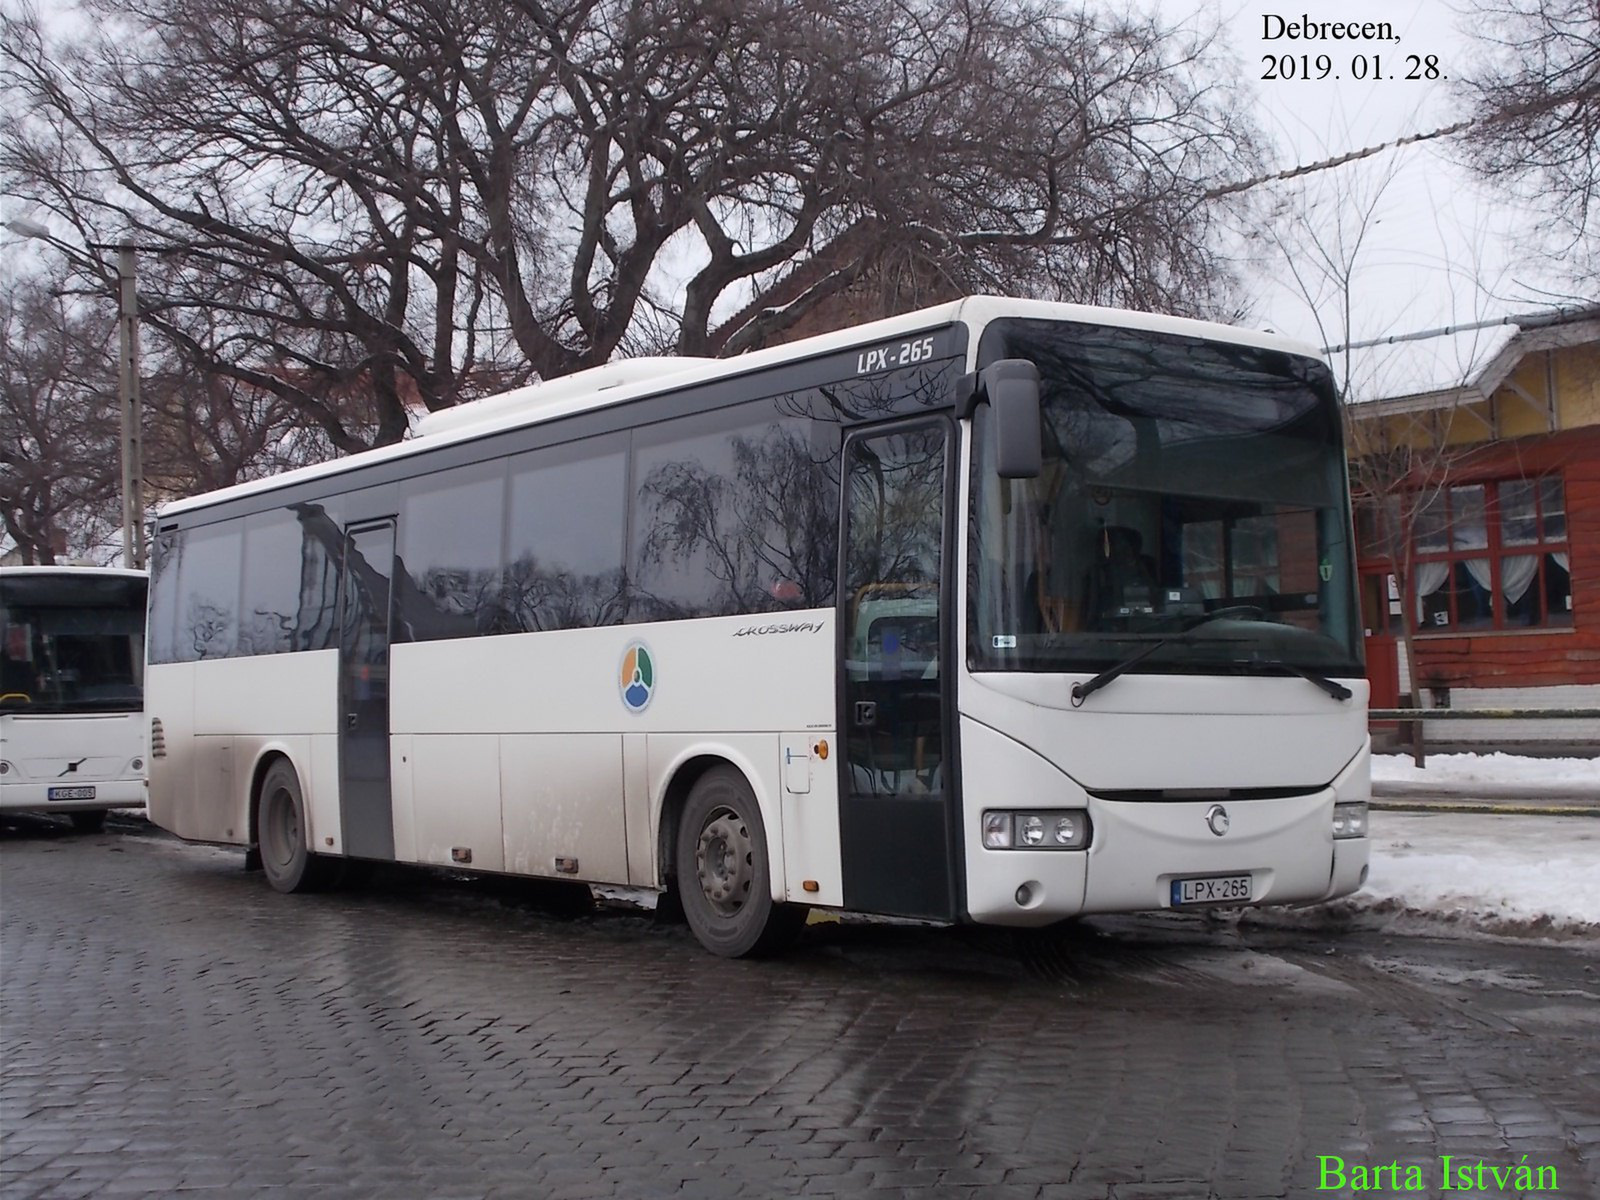 LPX-265-3